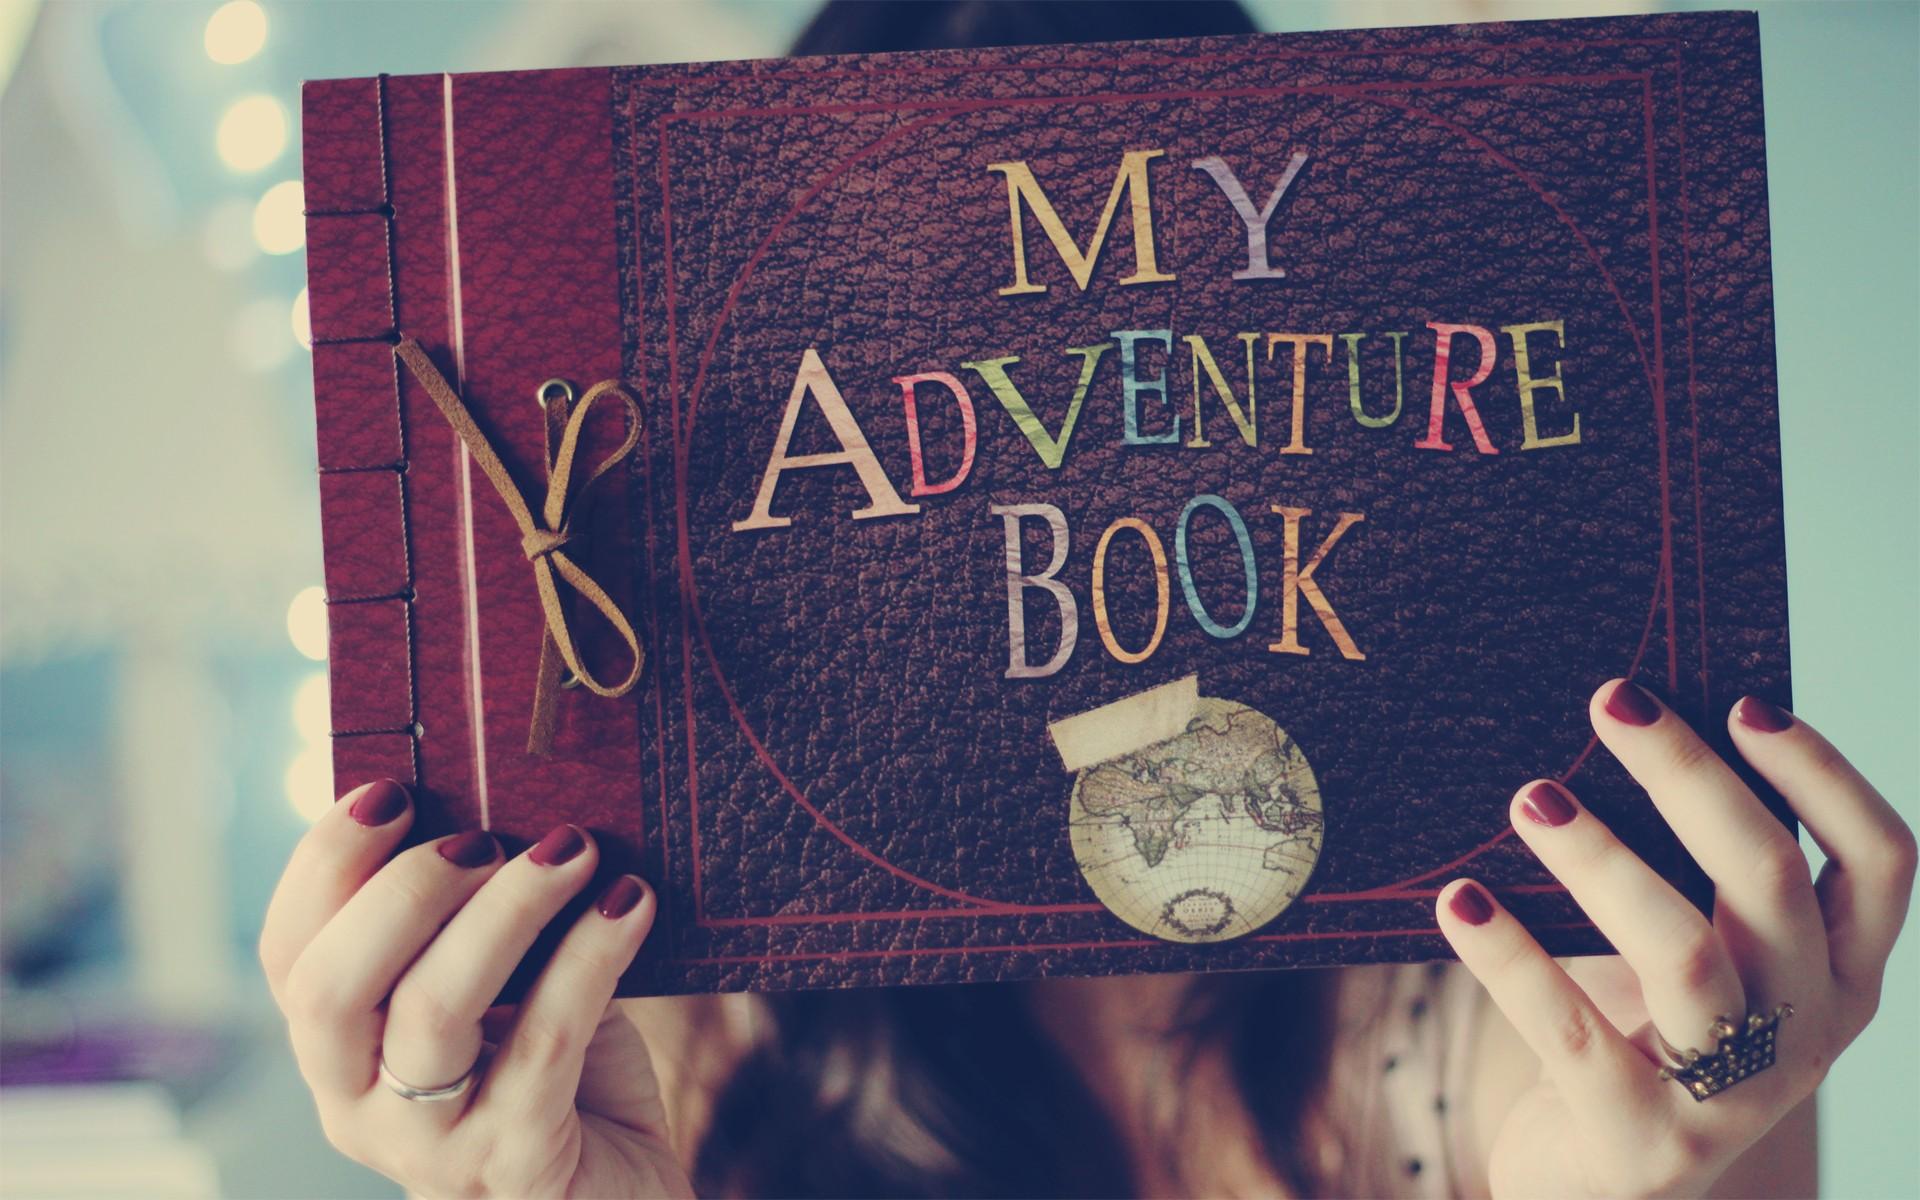 Adventure Quotes Quotesgram: Adventure Quotes About Books. QuotesGram